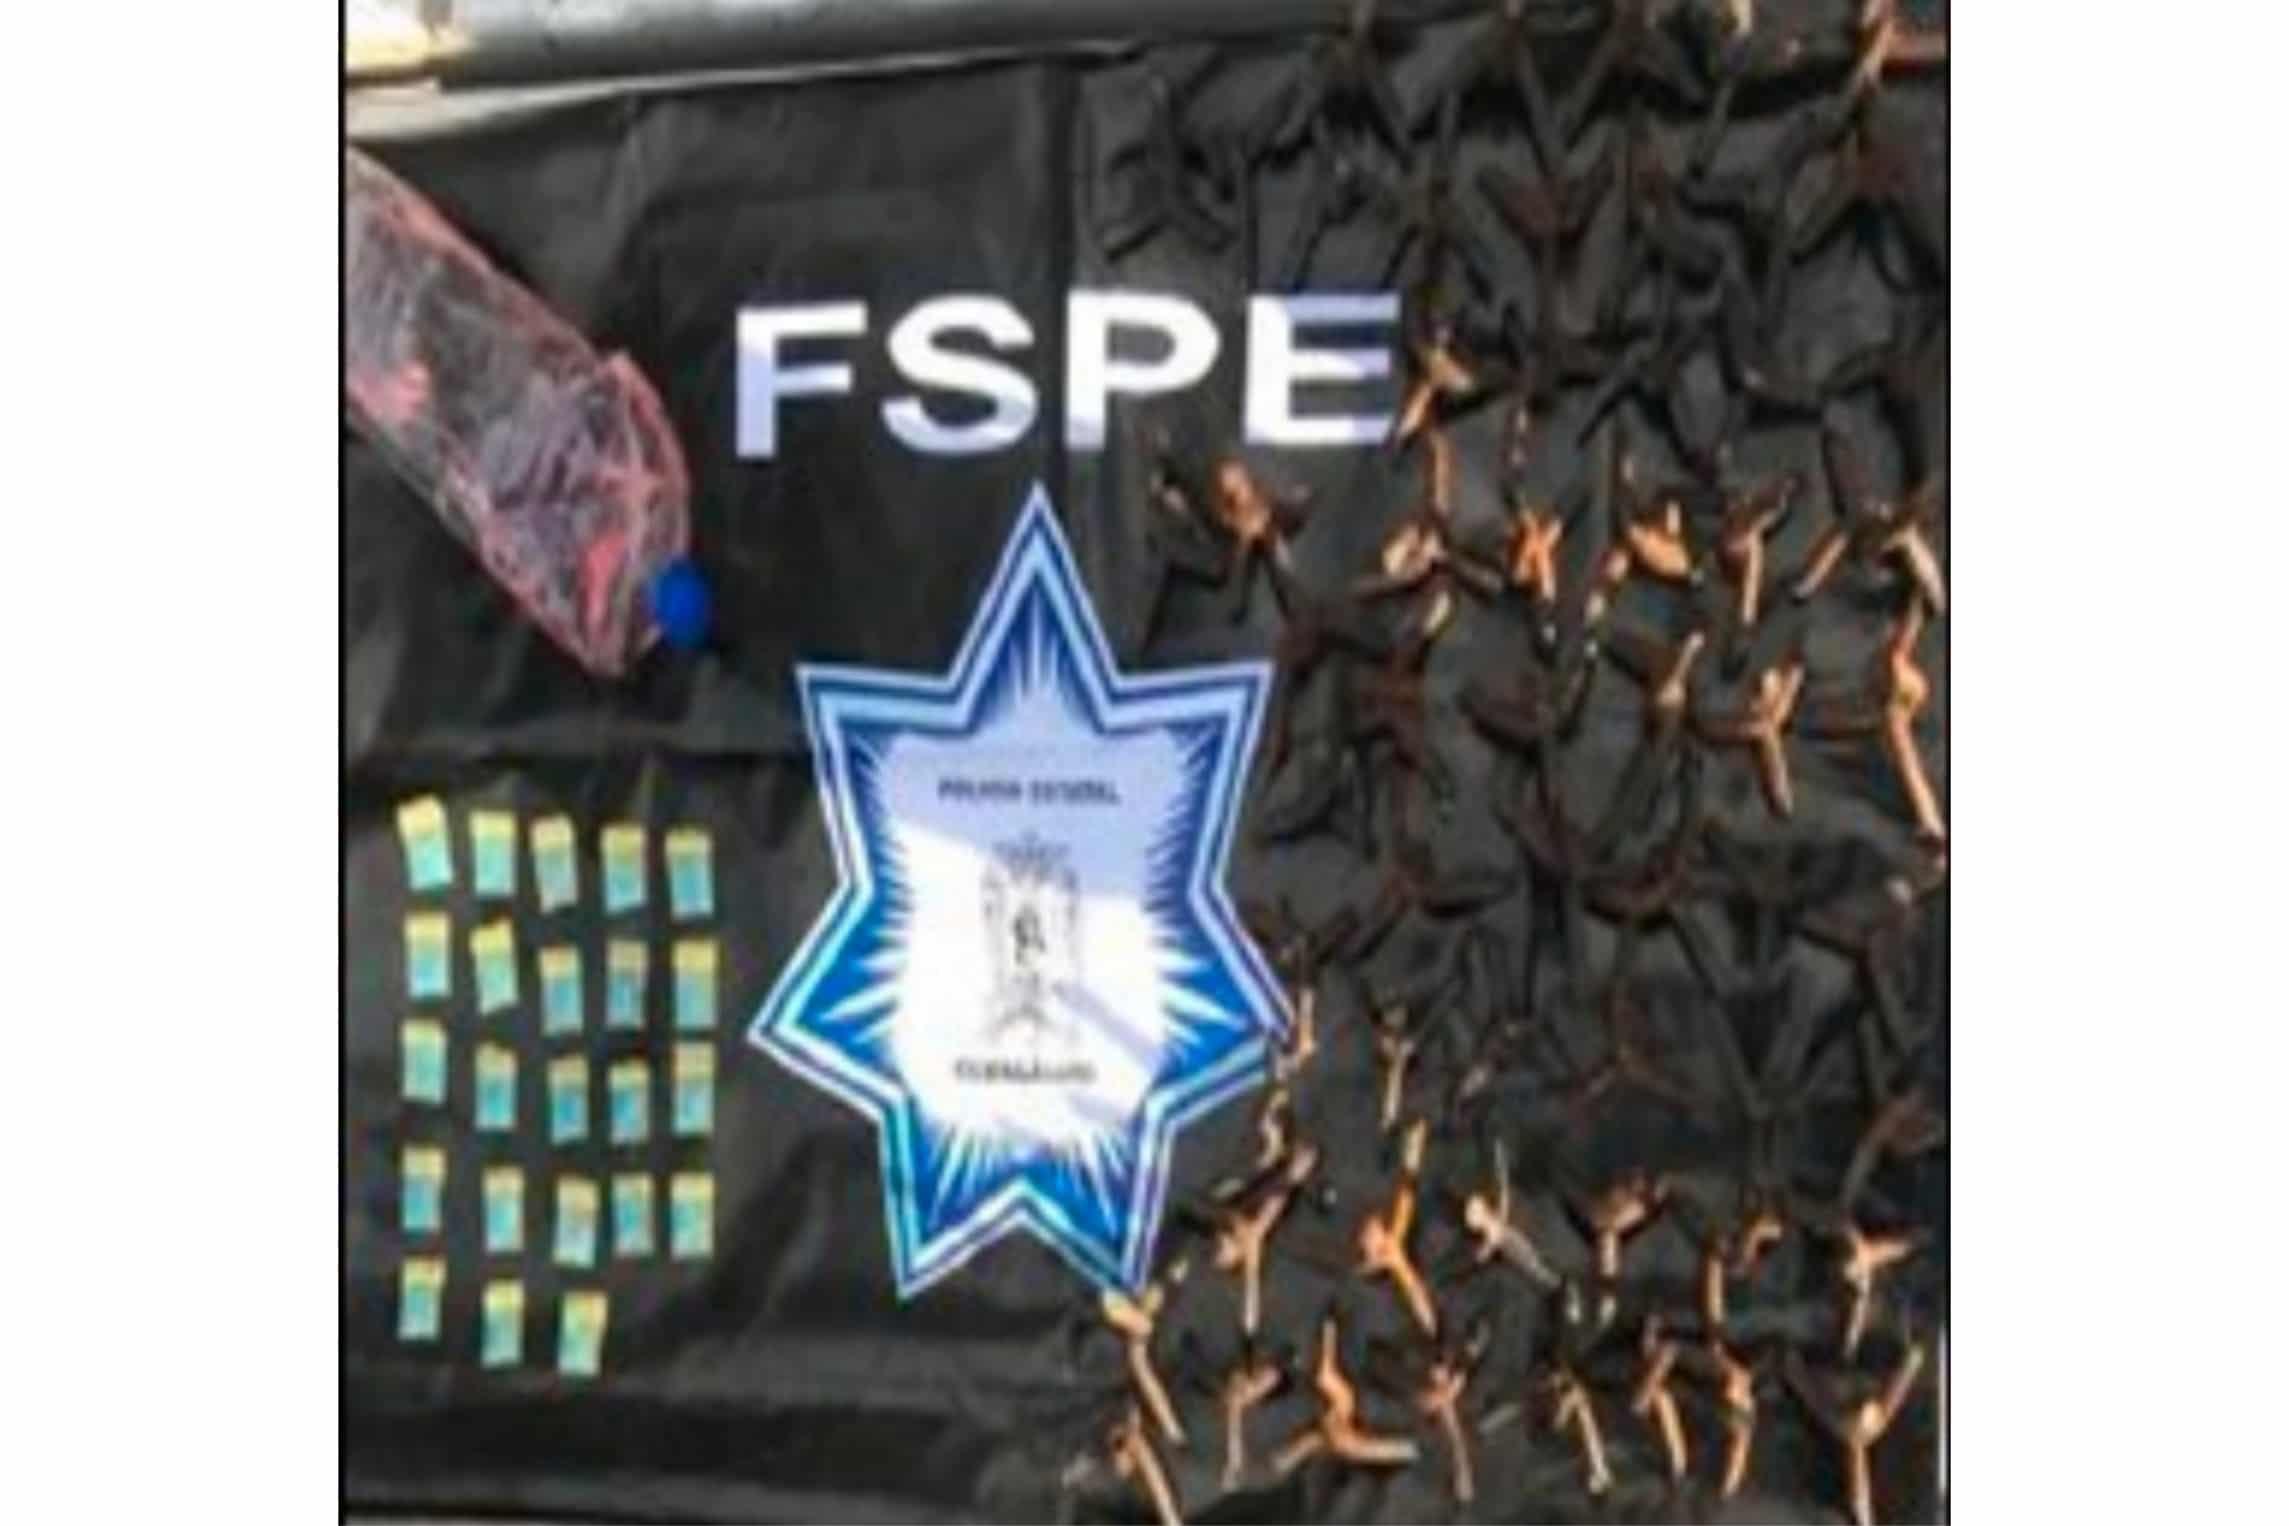 Capturan las FSPE a un grupo de hombres en acciones de bloqueo con neumáticos sobre la carretera Celaya-Juventino Rosas.  4